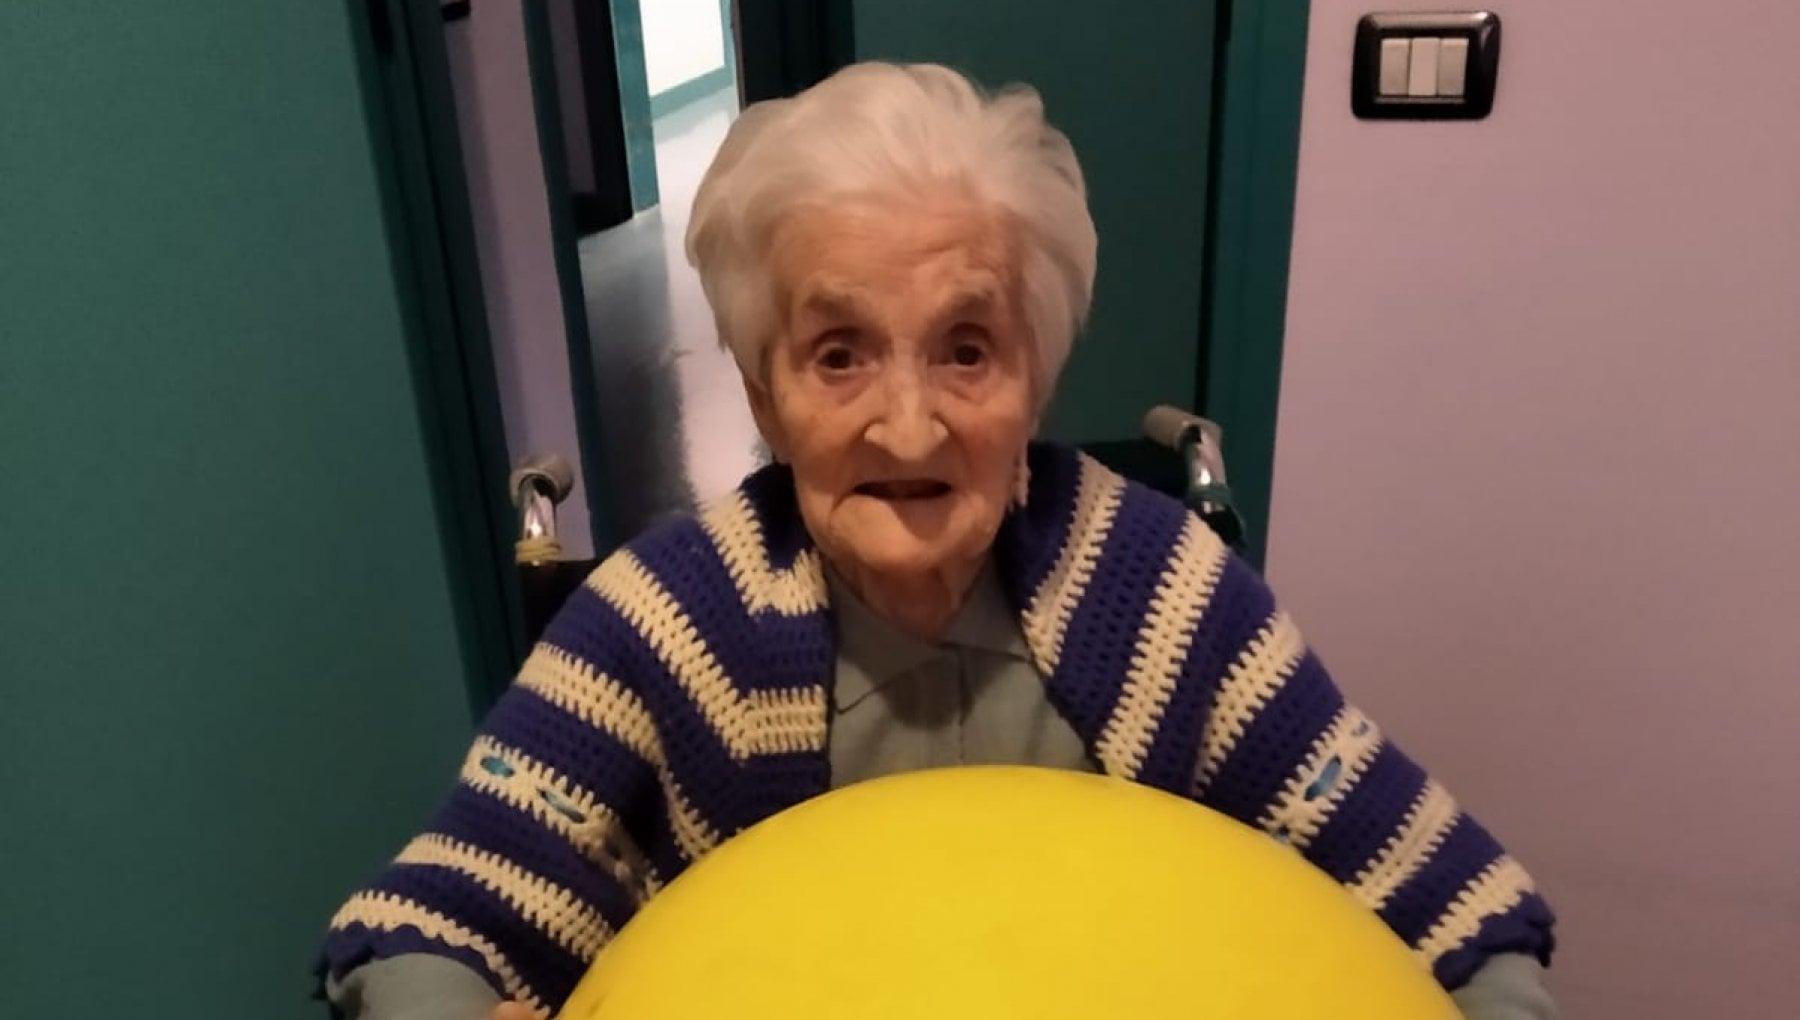 Nonna Giuseppina la guerriera a 104 anni sconfigge il Covid e incontra le figlie nella sala degli abbracci